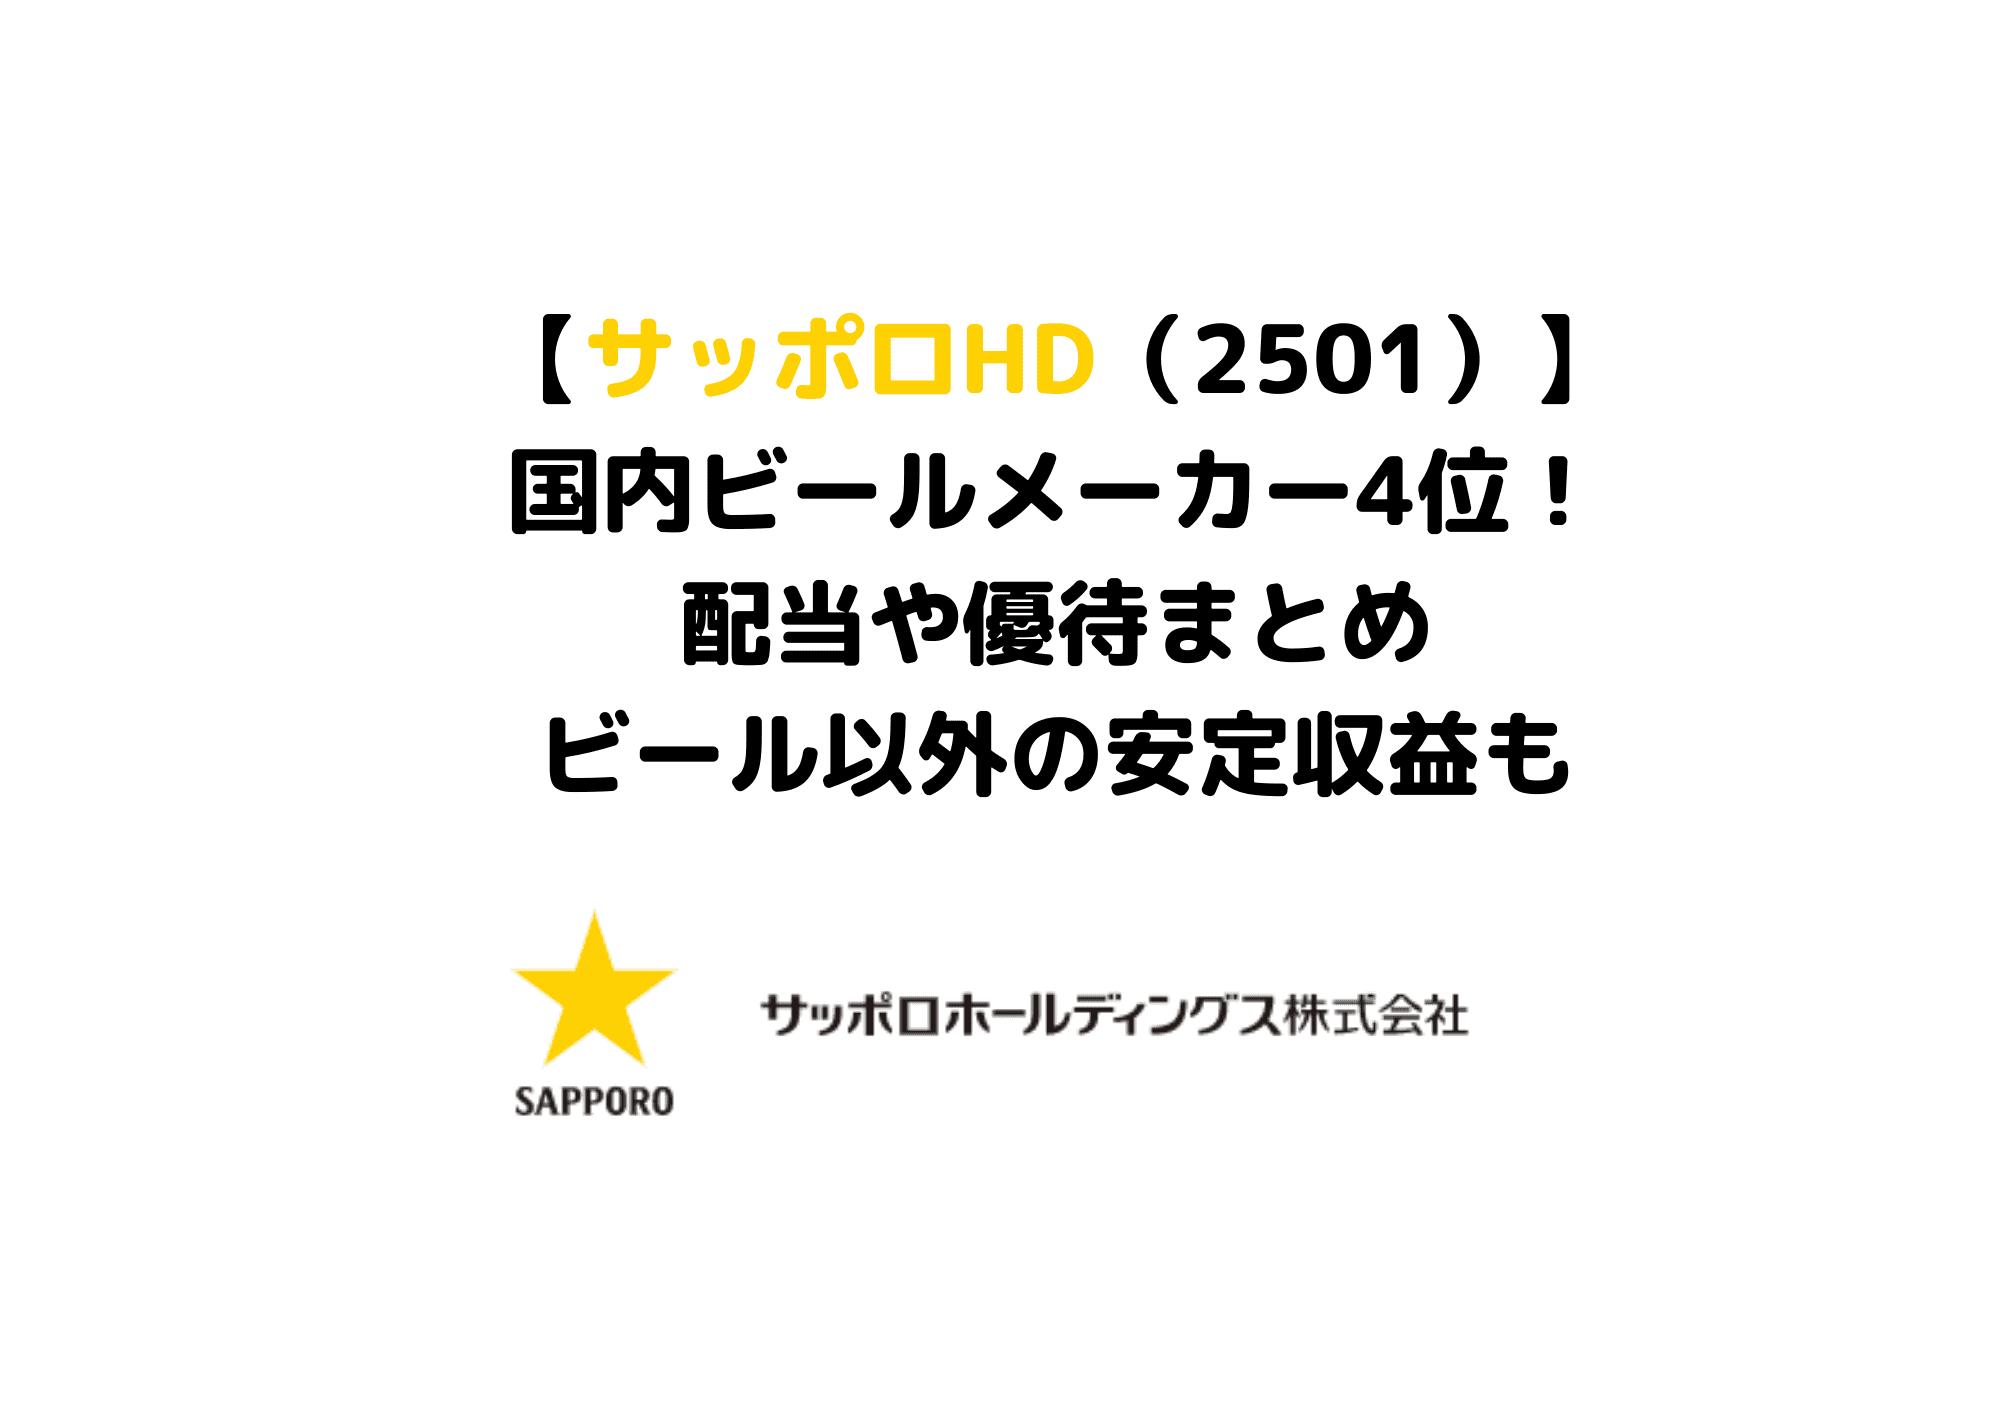 2501 サッポロHD (1)